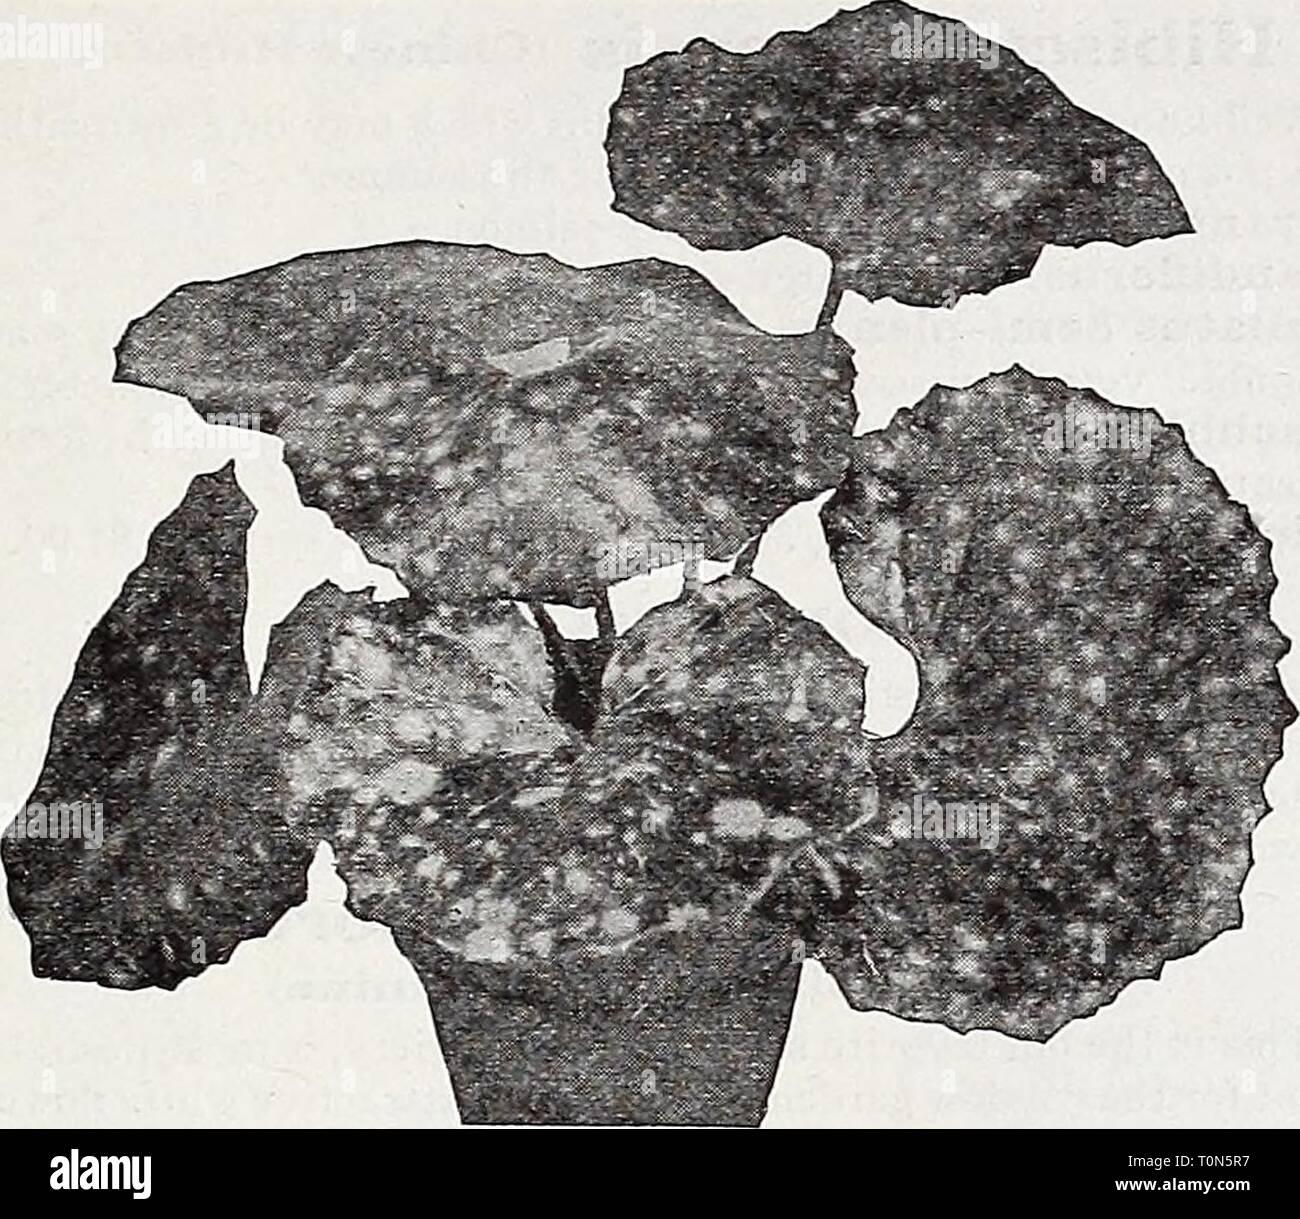 Dreer catálogo de otoño de 1932 (1932), catálogo de otoño Dreer 1932 dreersautumncata1932henr Año: 1932 Jardín''-' plantas de invernadero ^HMDELPSMI, 23 Farfugium Grande Fragrans Dracaenas decorativa. Una excelente planta de casa, con amplio follaje verde oscuro, crece en la mayoría de condiciones ad- verso. Plantas en macetas de 3 pulgadas, 35 cts. cada una; 4-pulgada de potes, 60 cts. cada una; 5-pulgada potes, $1.00 cada uno. Godseffiana. Diferente de todos los otros DRAC- aenas; de hábito de ramificación libre com- pacto, agraciado especímenes. Su follaje es de fuerte textura; ricos, color verde oscuro densamente marcados con manchas de color blanco cremoso. Foto de stock